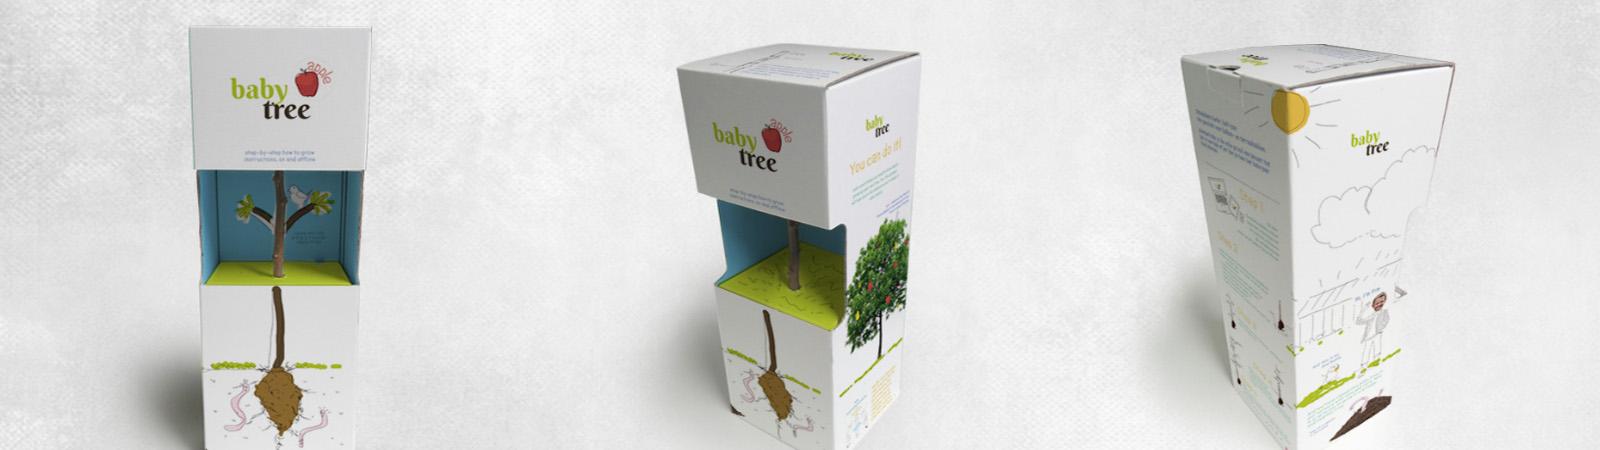 Baby Tree relatiegeschenk